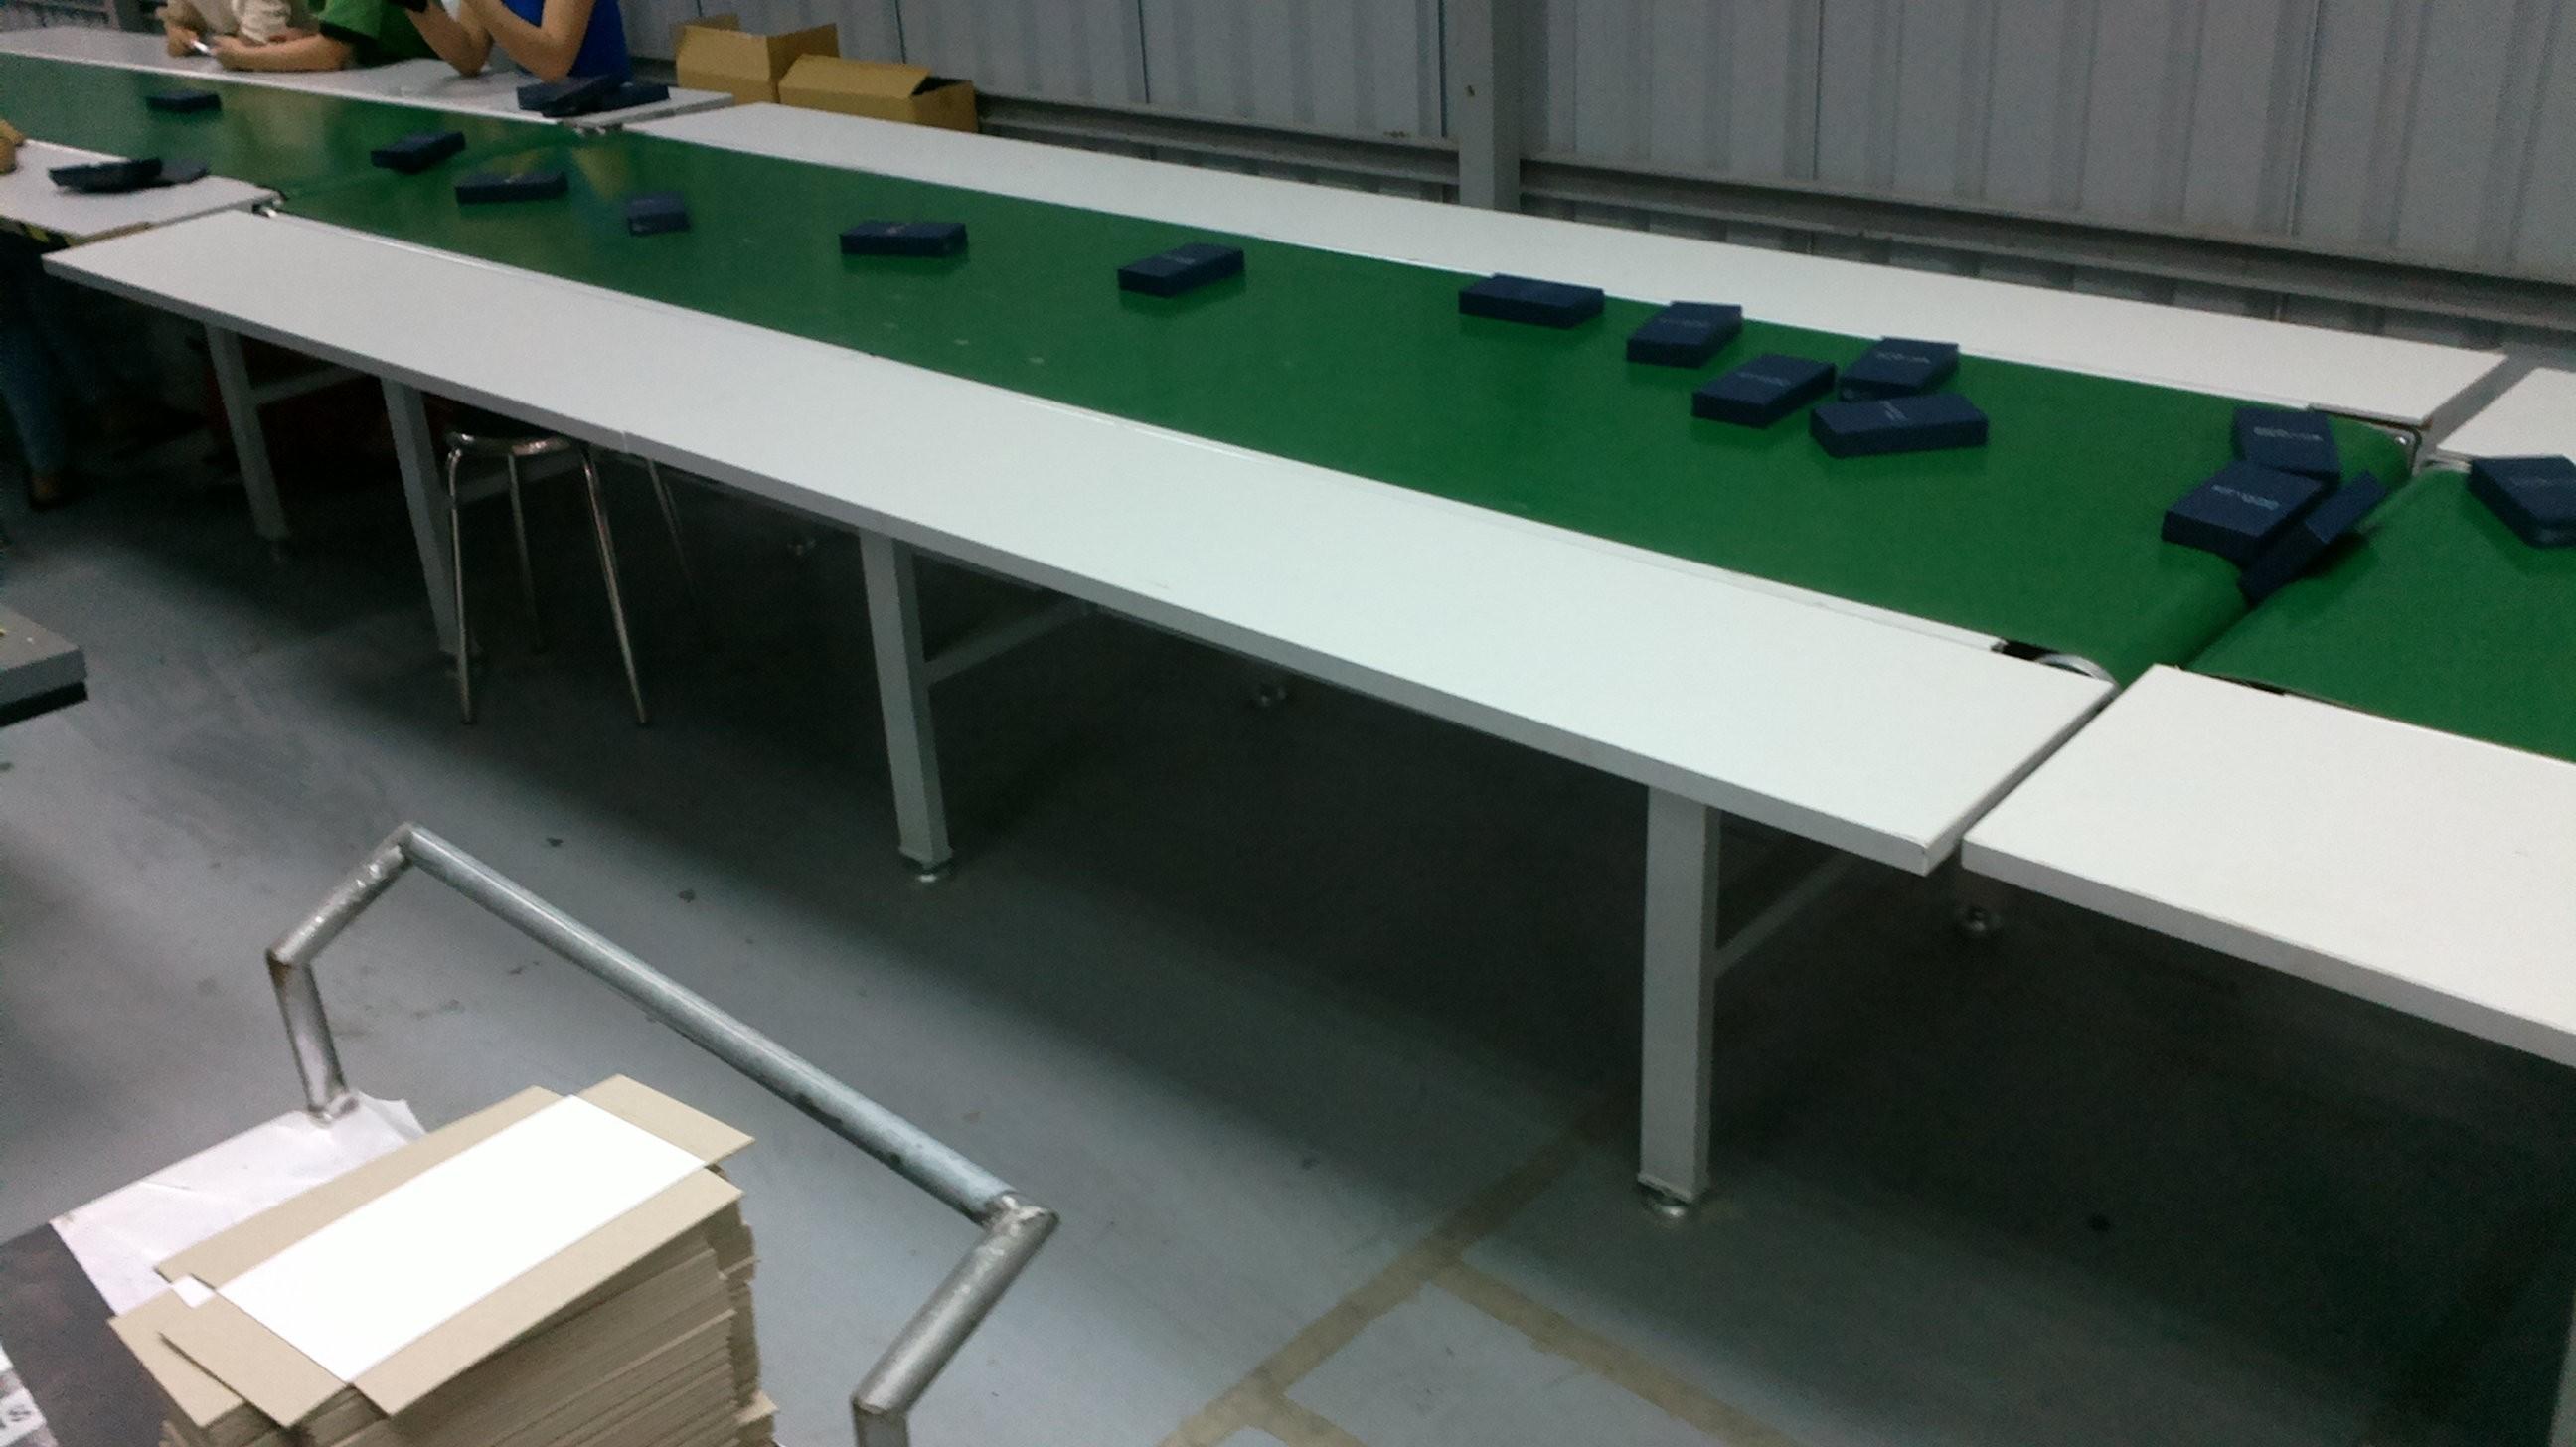 hệ thống khung băng tải PVC - điện tử, băng tải pvc sản xuất đồ điện tử